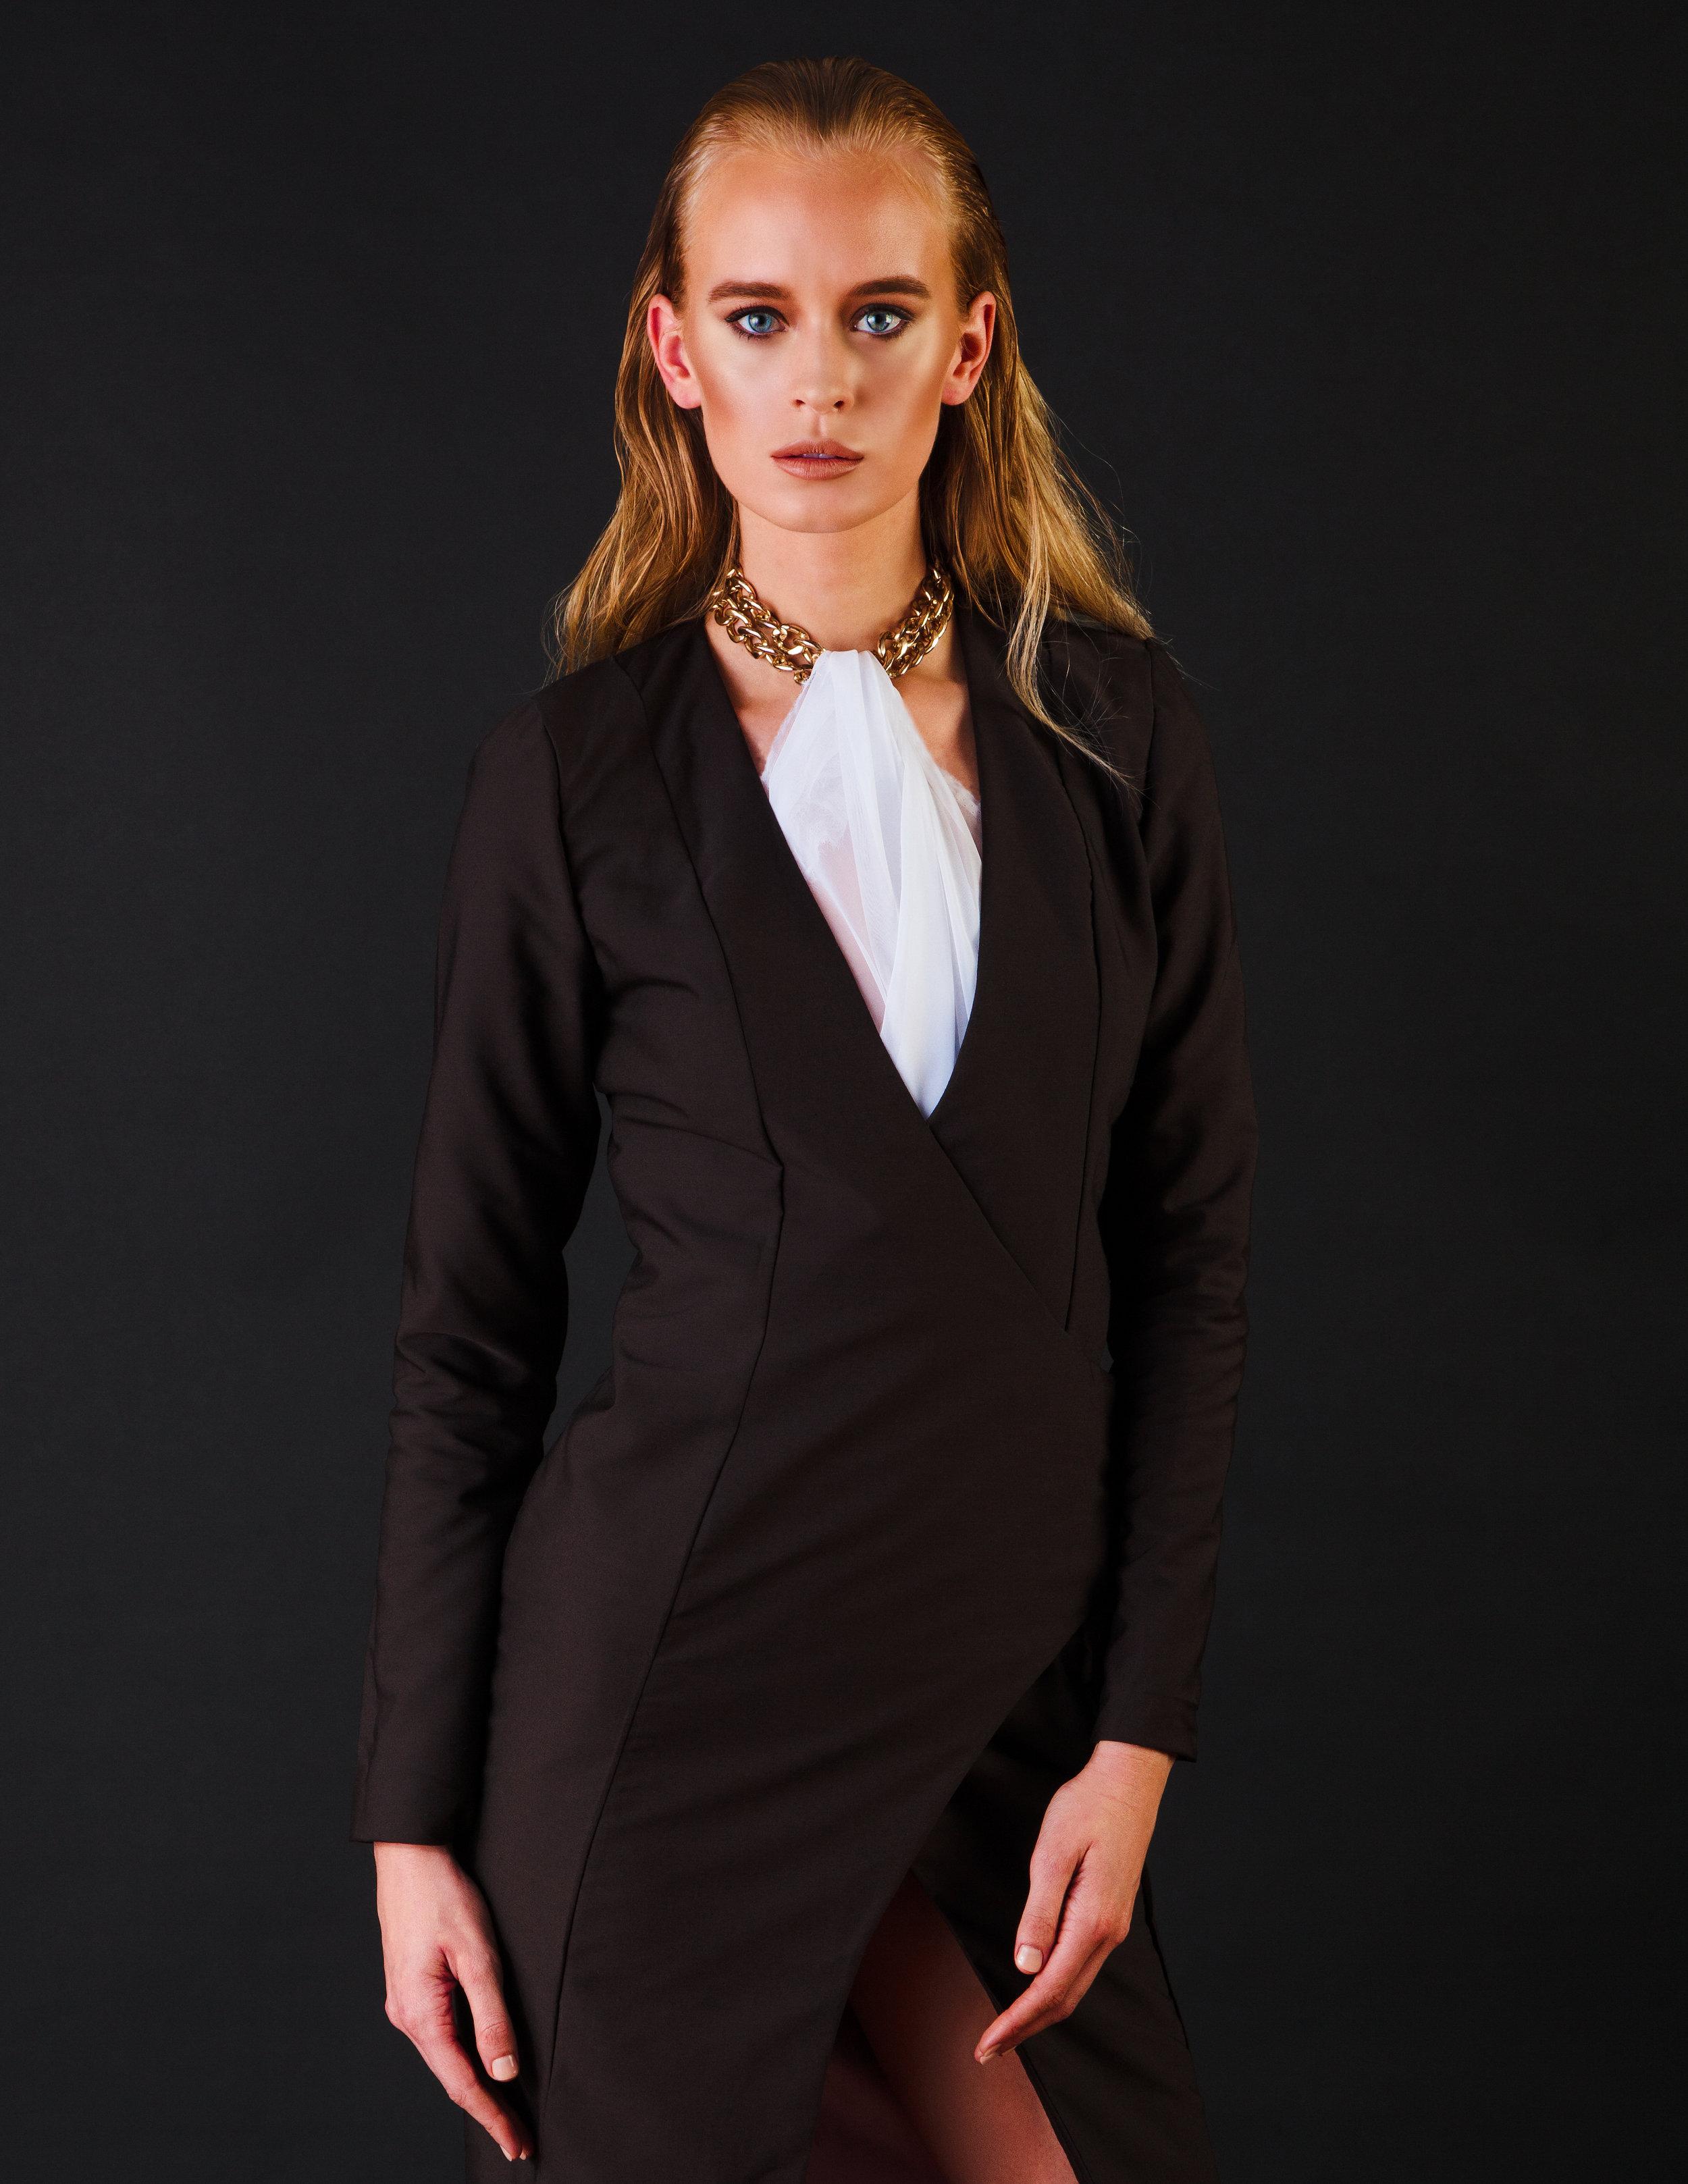 012216-gabriella-dress-jacket.jpg